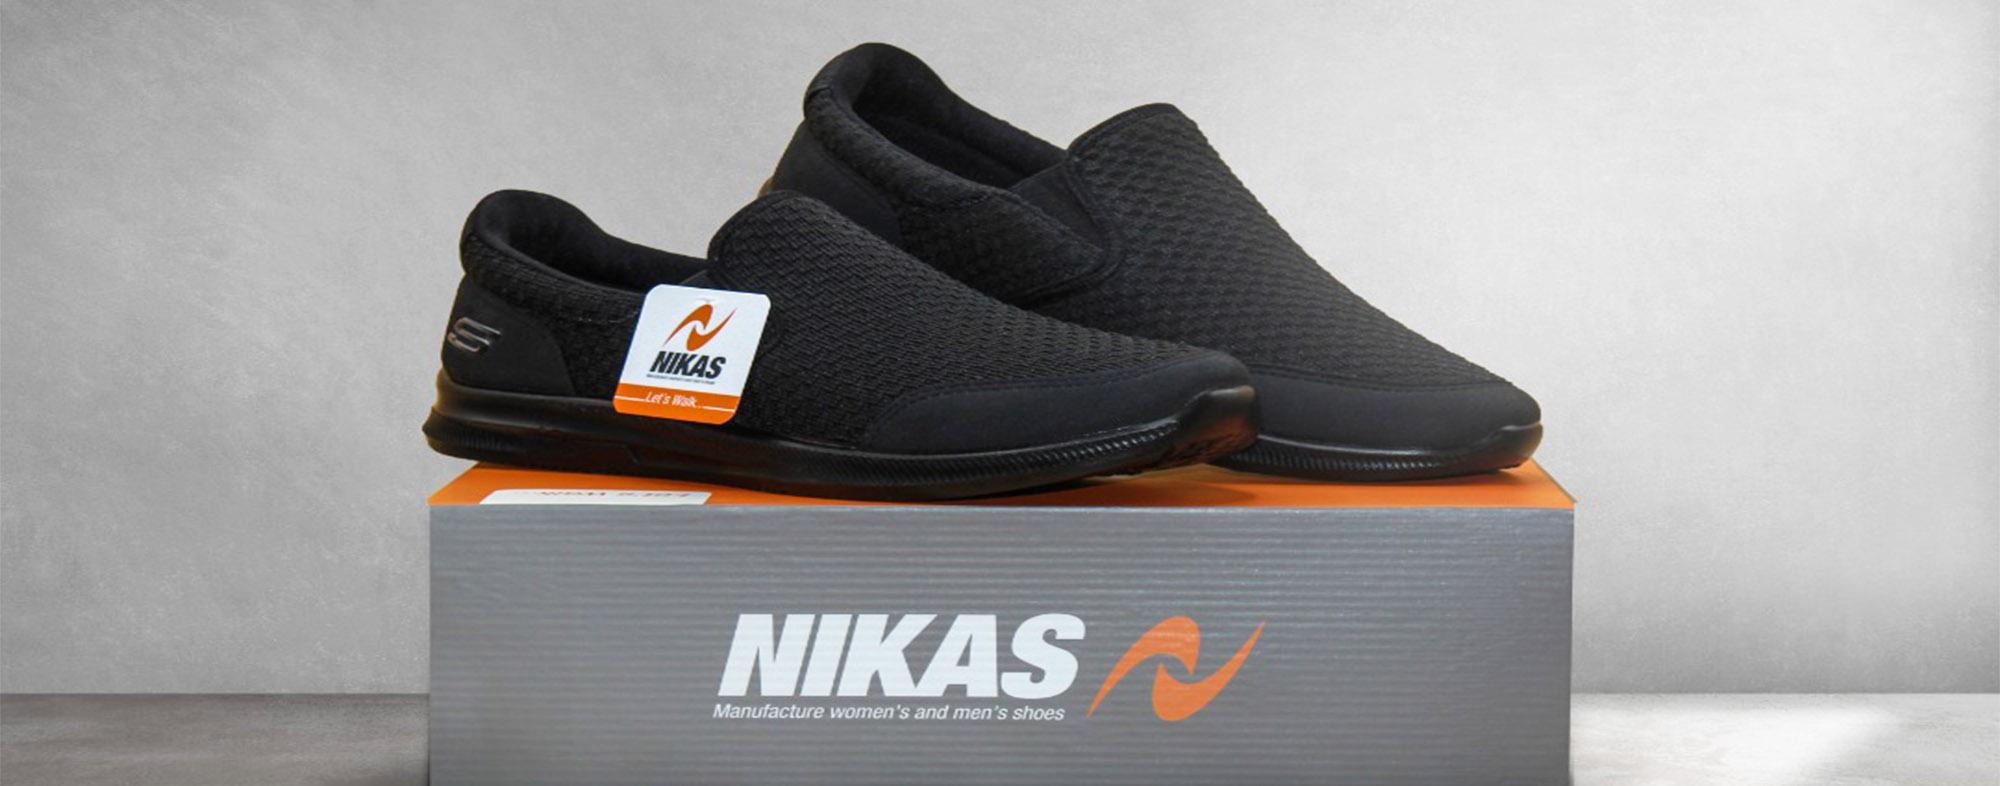 کفش نیکاس